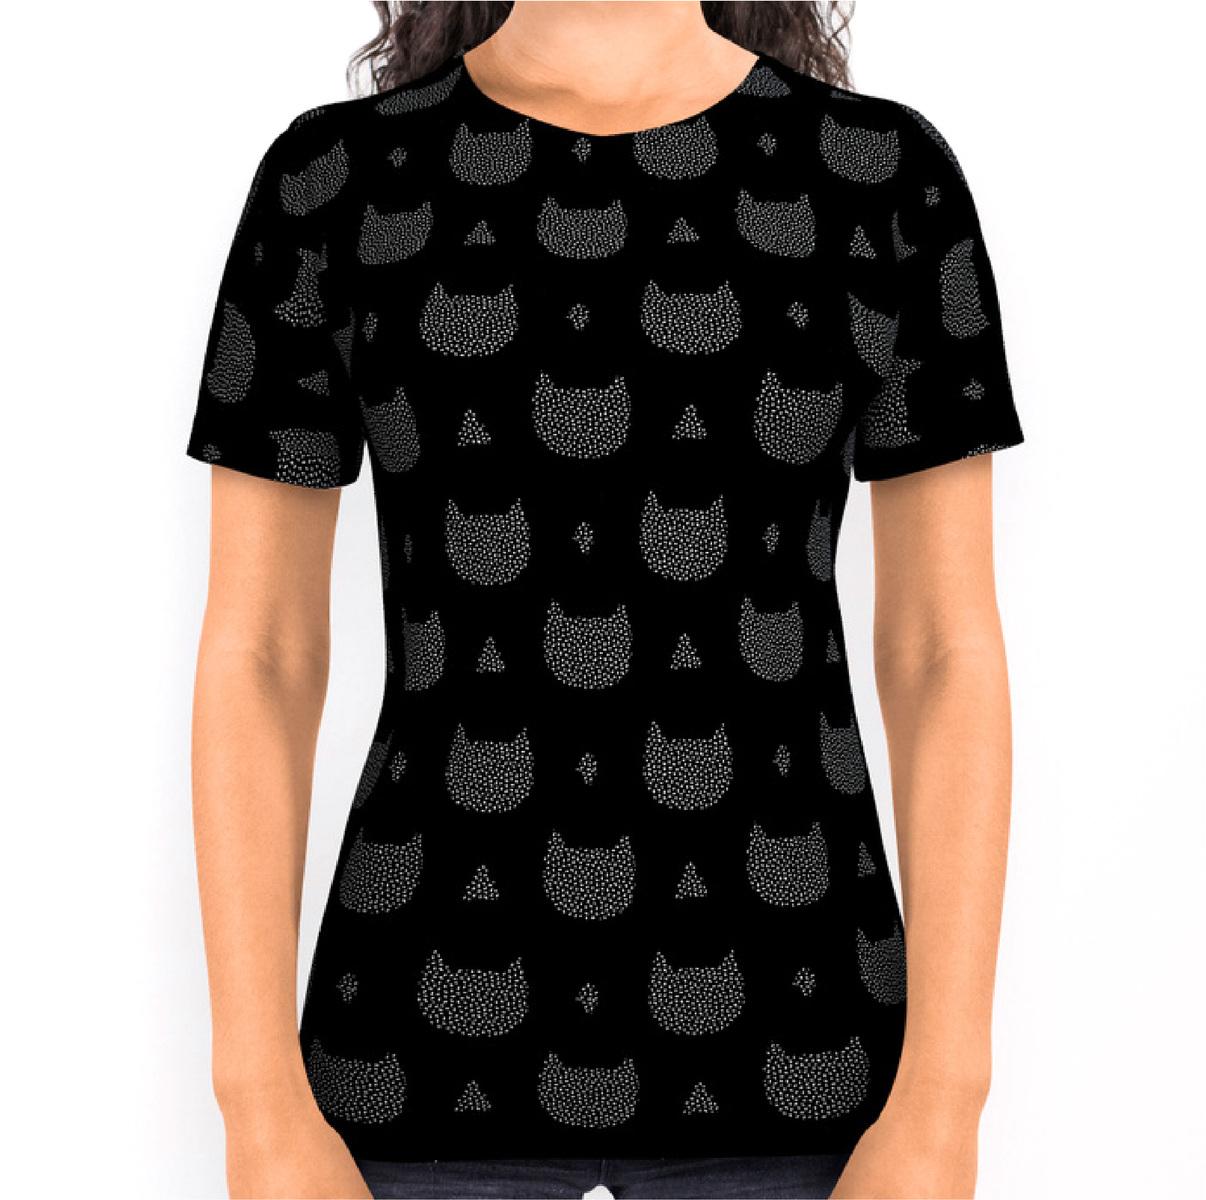 mfa -- designer textile - chats confettis -- Society 6